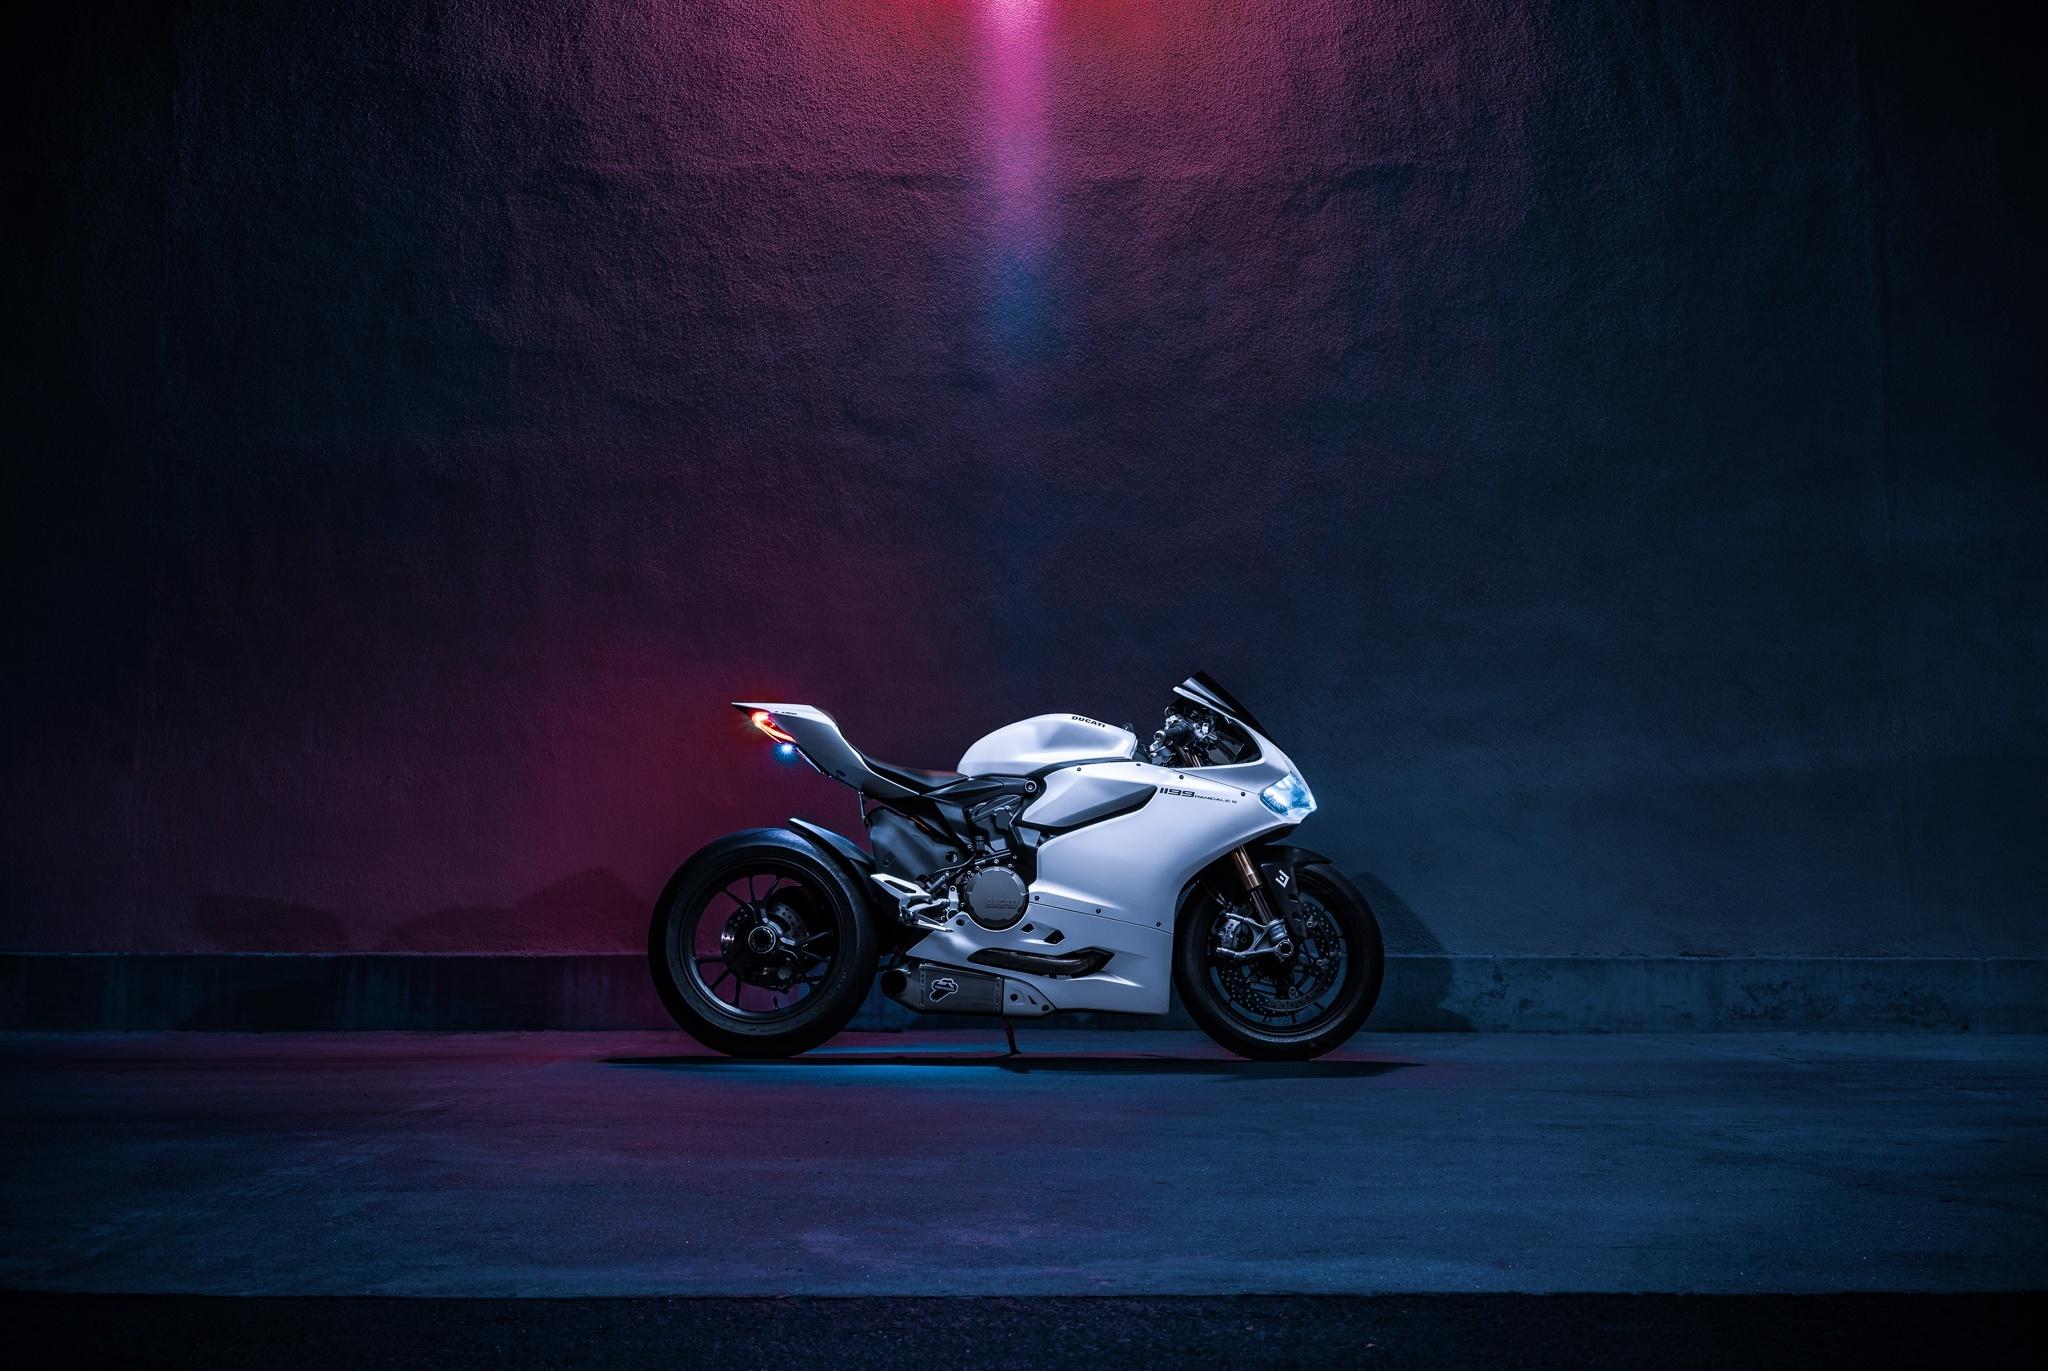 129909 Hintergrundbild herunterladen Motorräder, Ducati, Motorrad, 1199S, Panigale - Bildschirmschoner und Bilder kostenlos